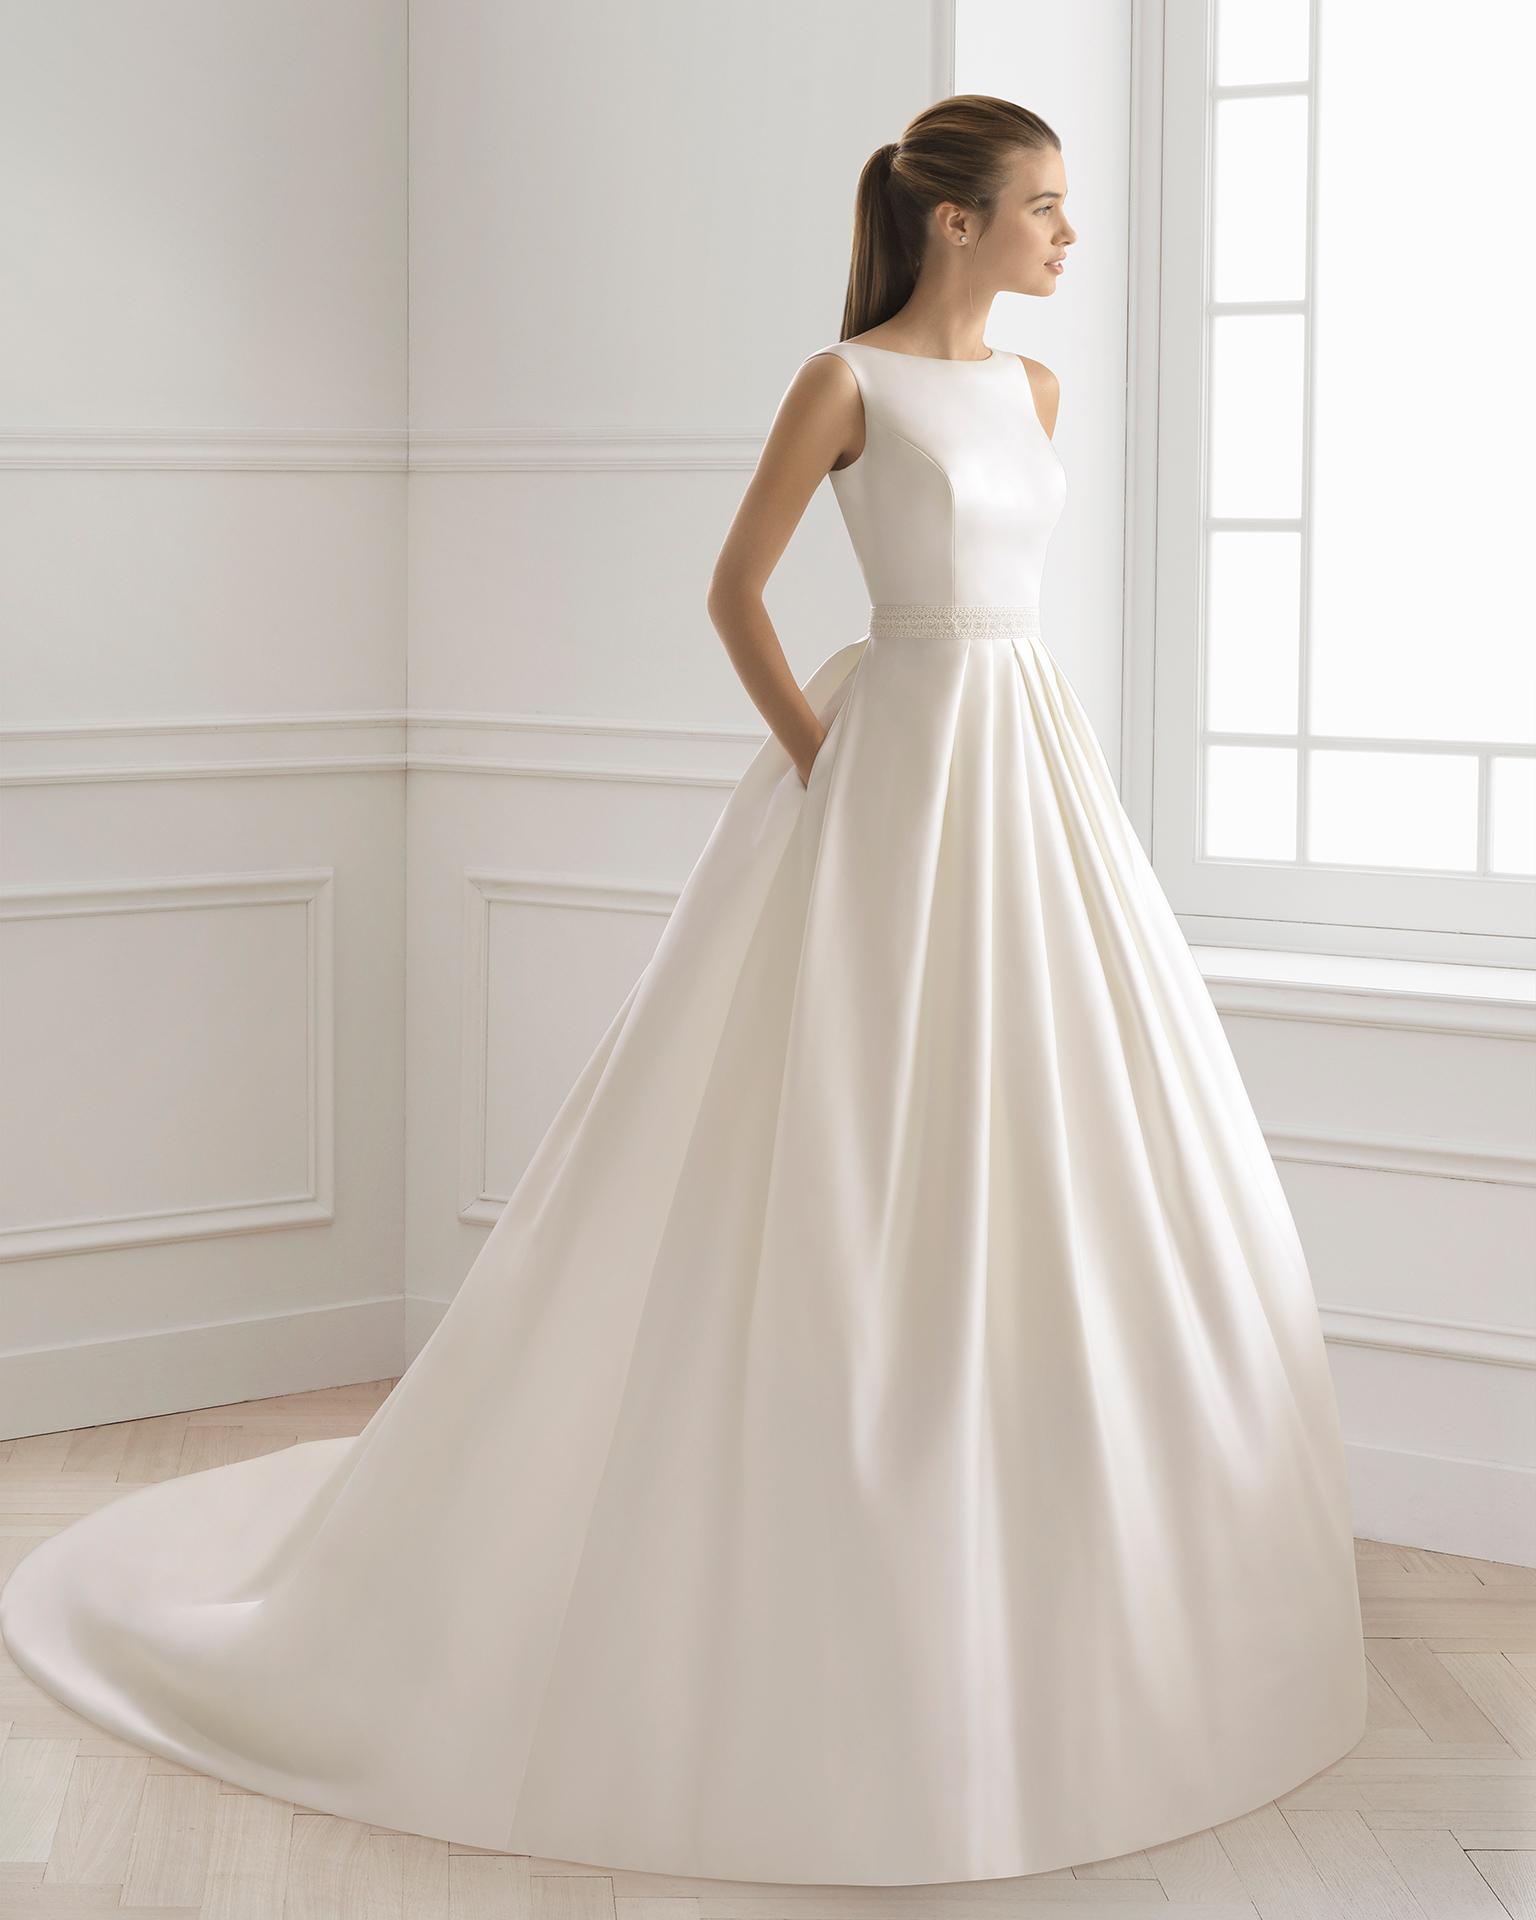 Robe de mariée style classique en satin, dentelle et pierreries, avec col bateau et poches.